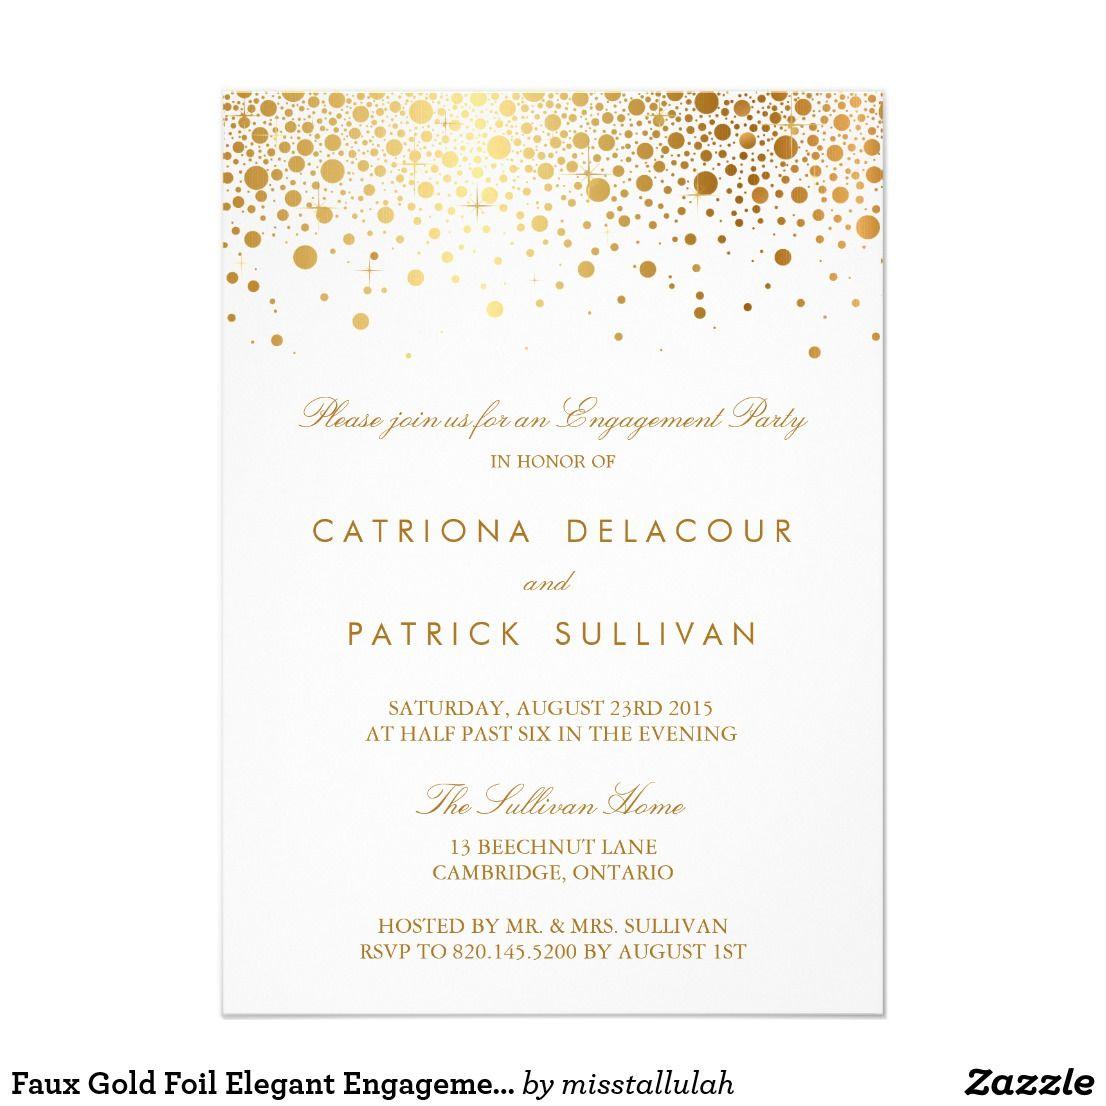 Faux Gold Foil Elegant Engagement Party Invitation | Engagement ...